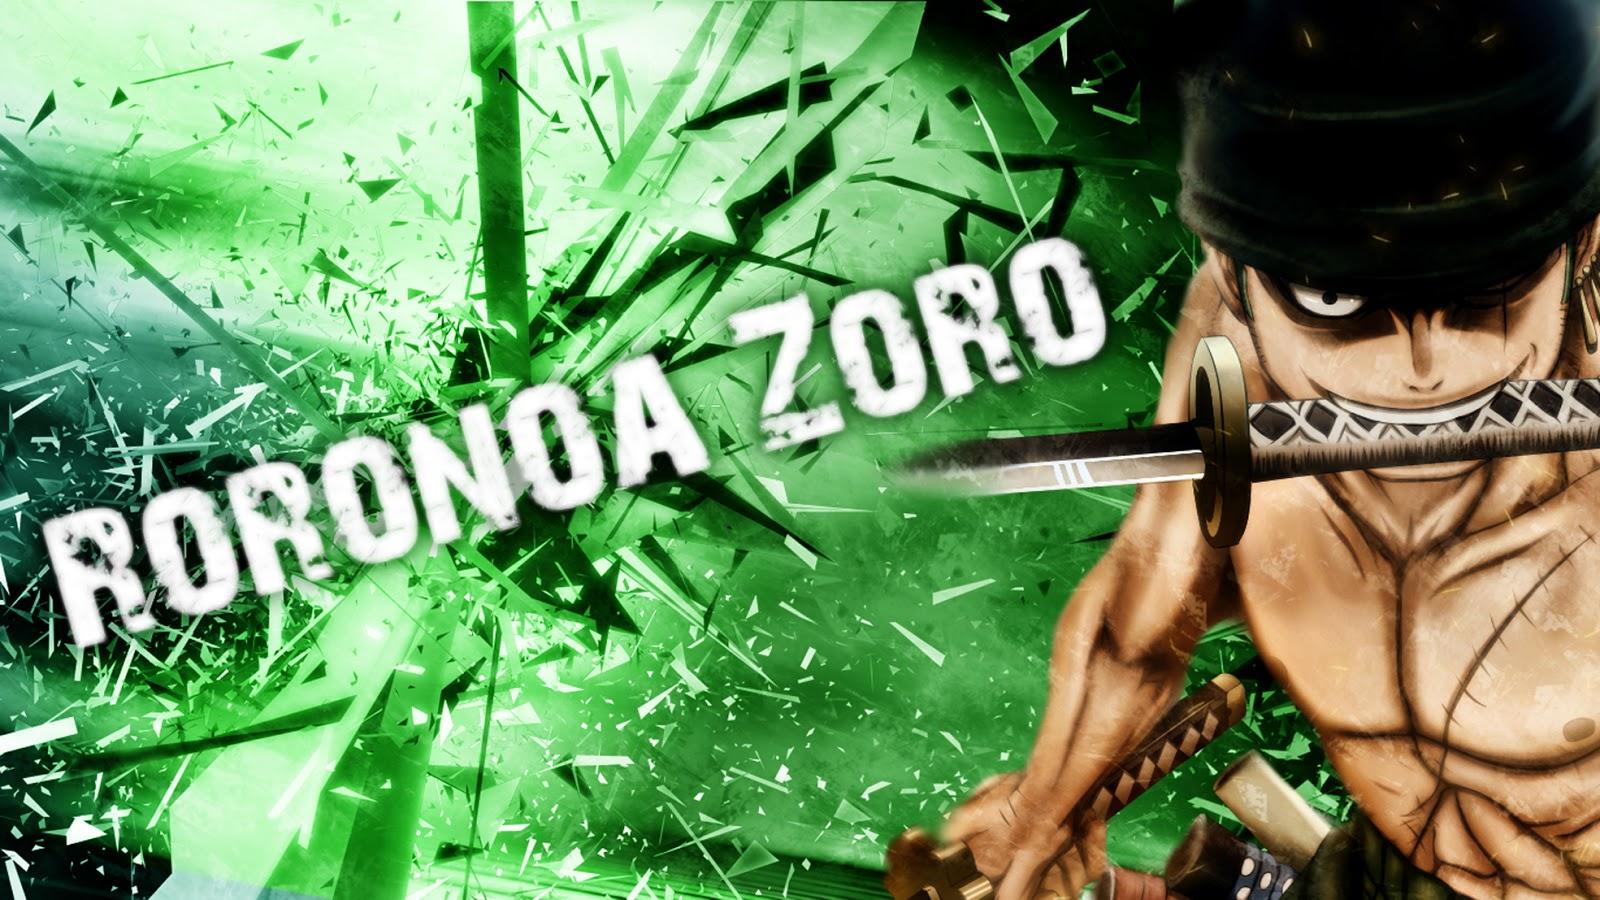 Zoro New World Wallpaper Gallery